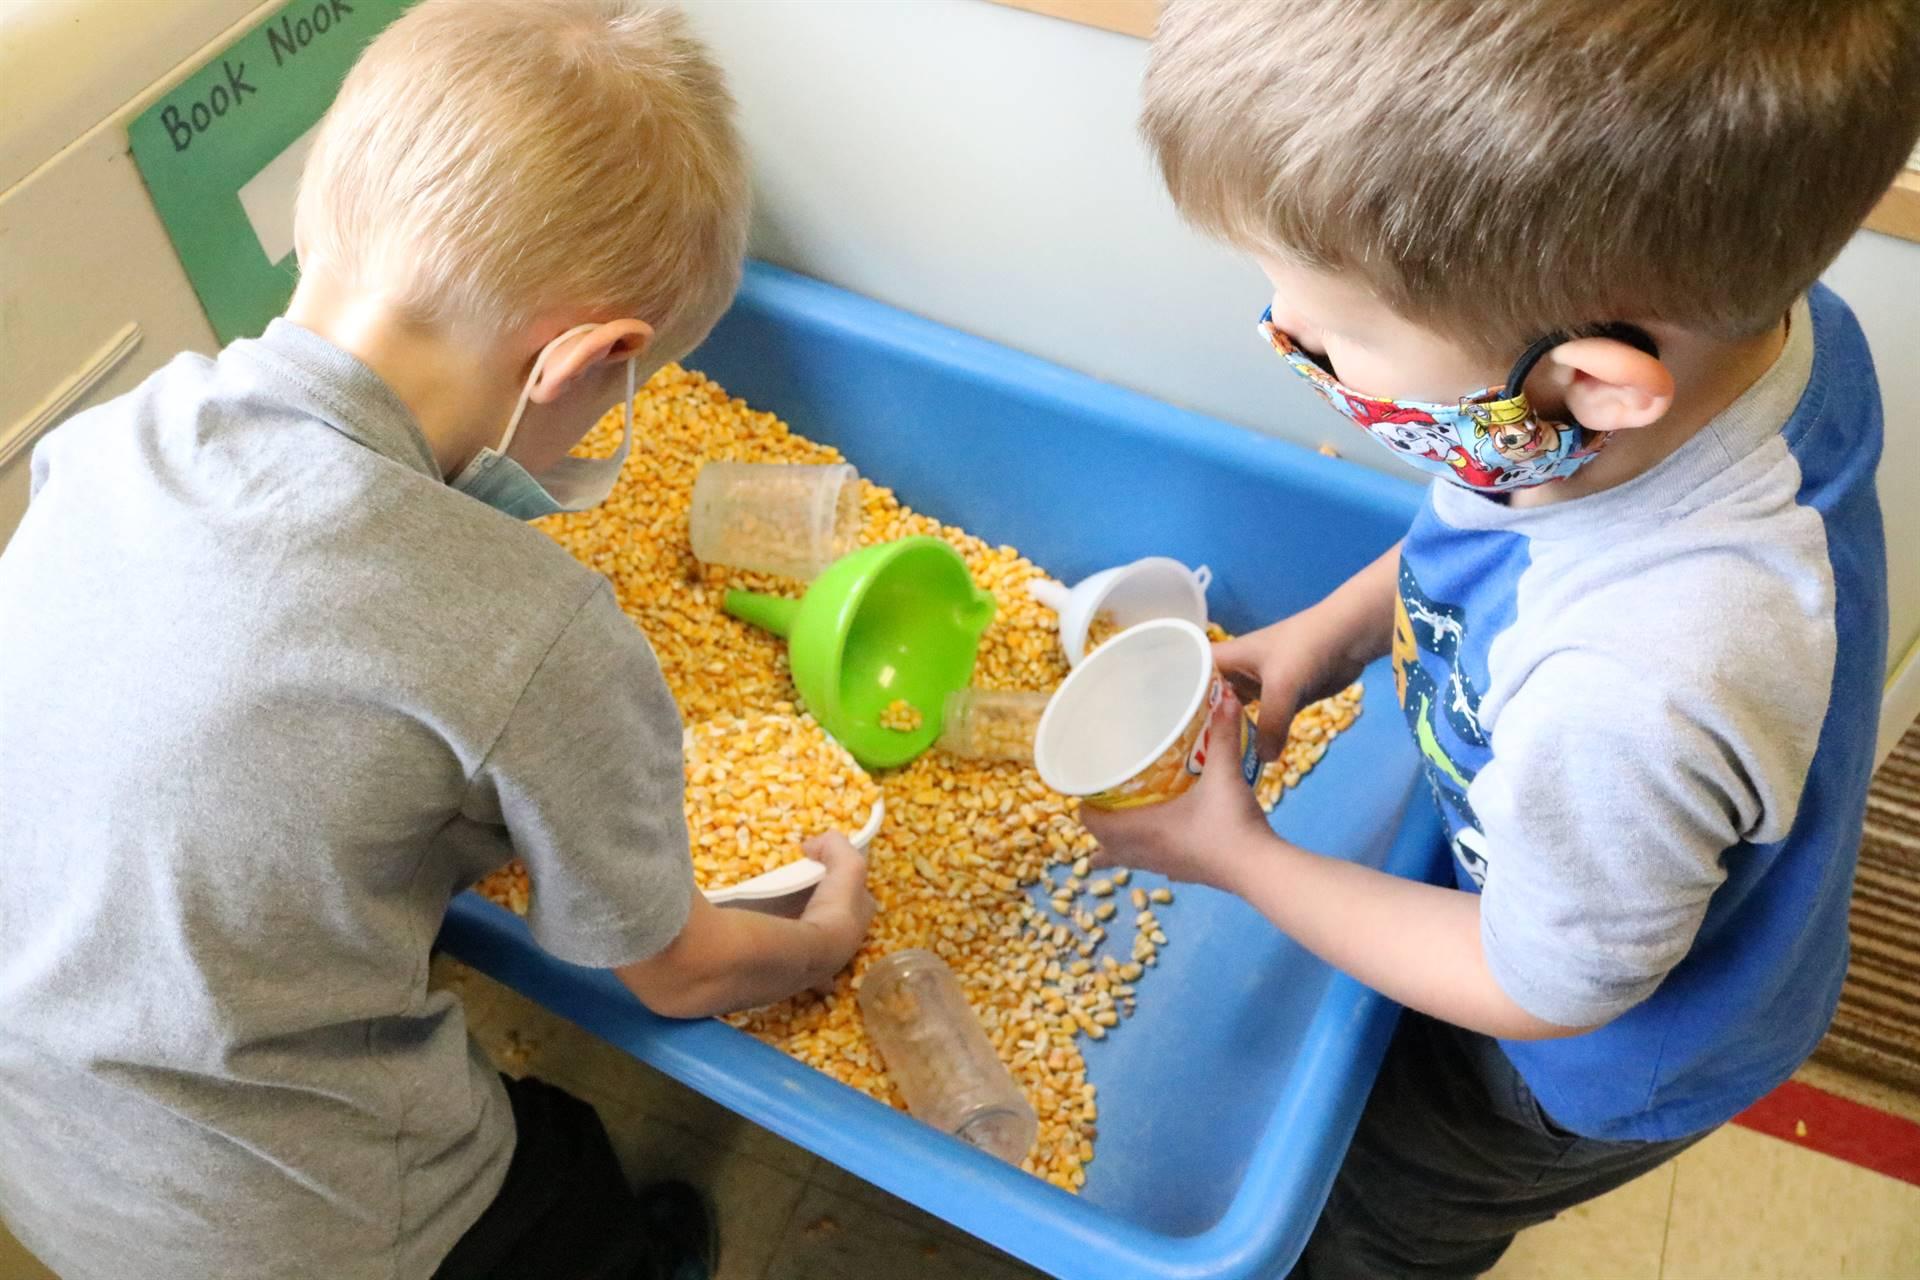 2 boys playing in corn